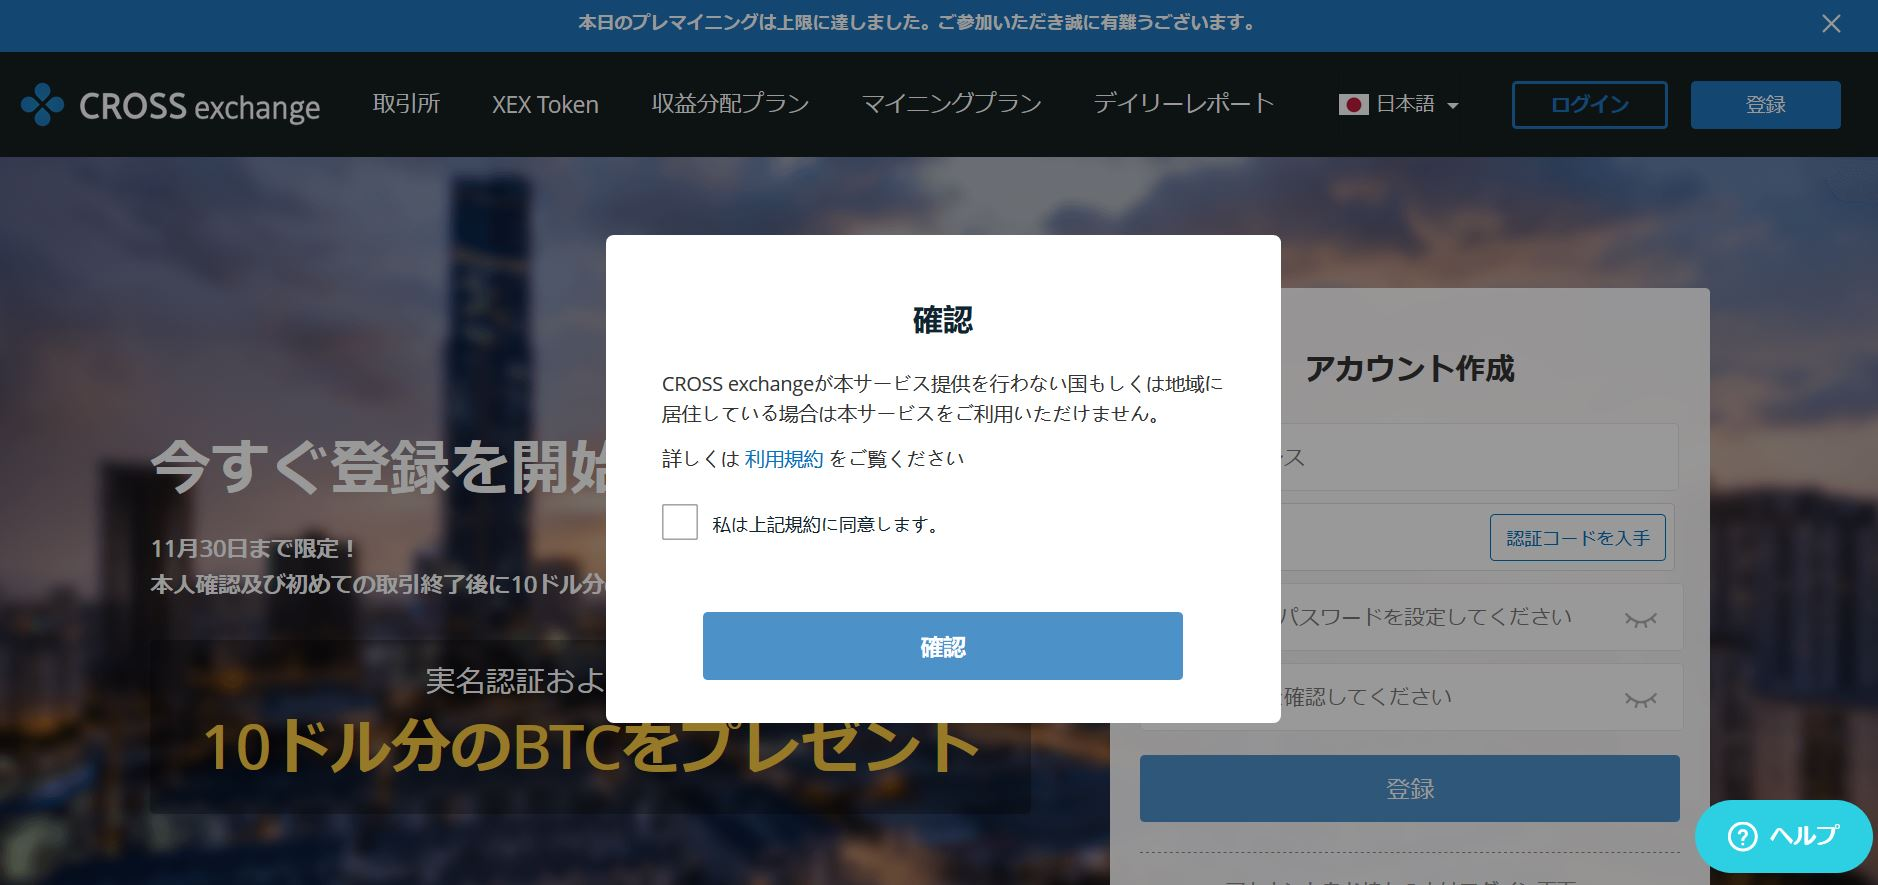 CROSS exchange登録方法1